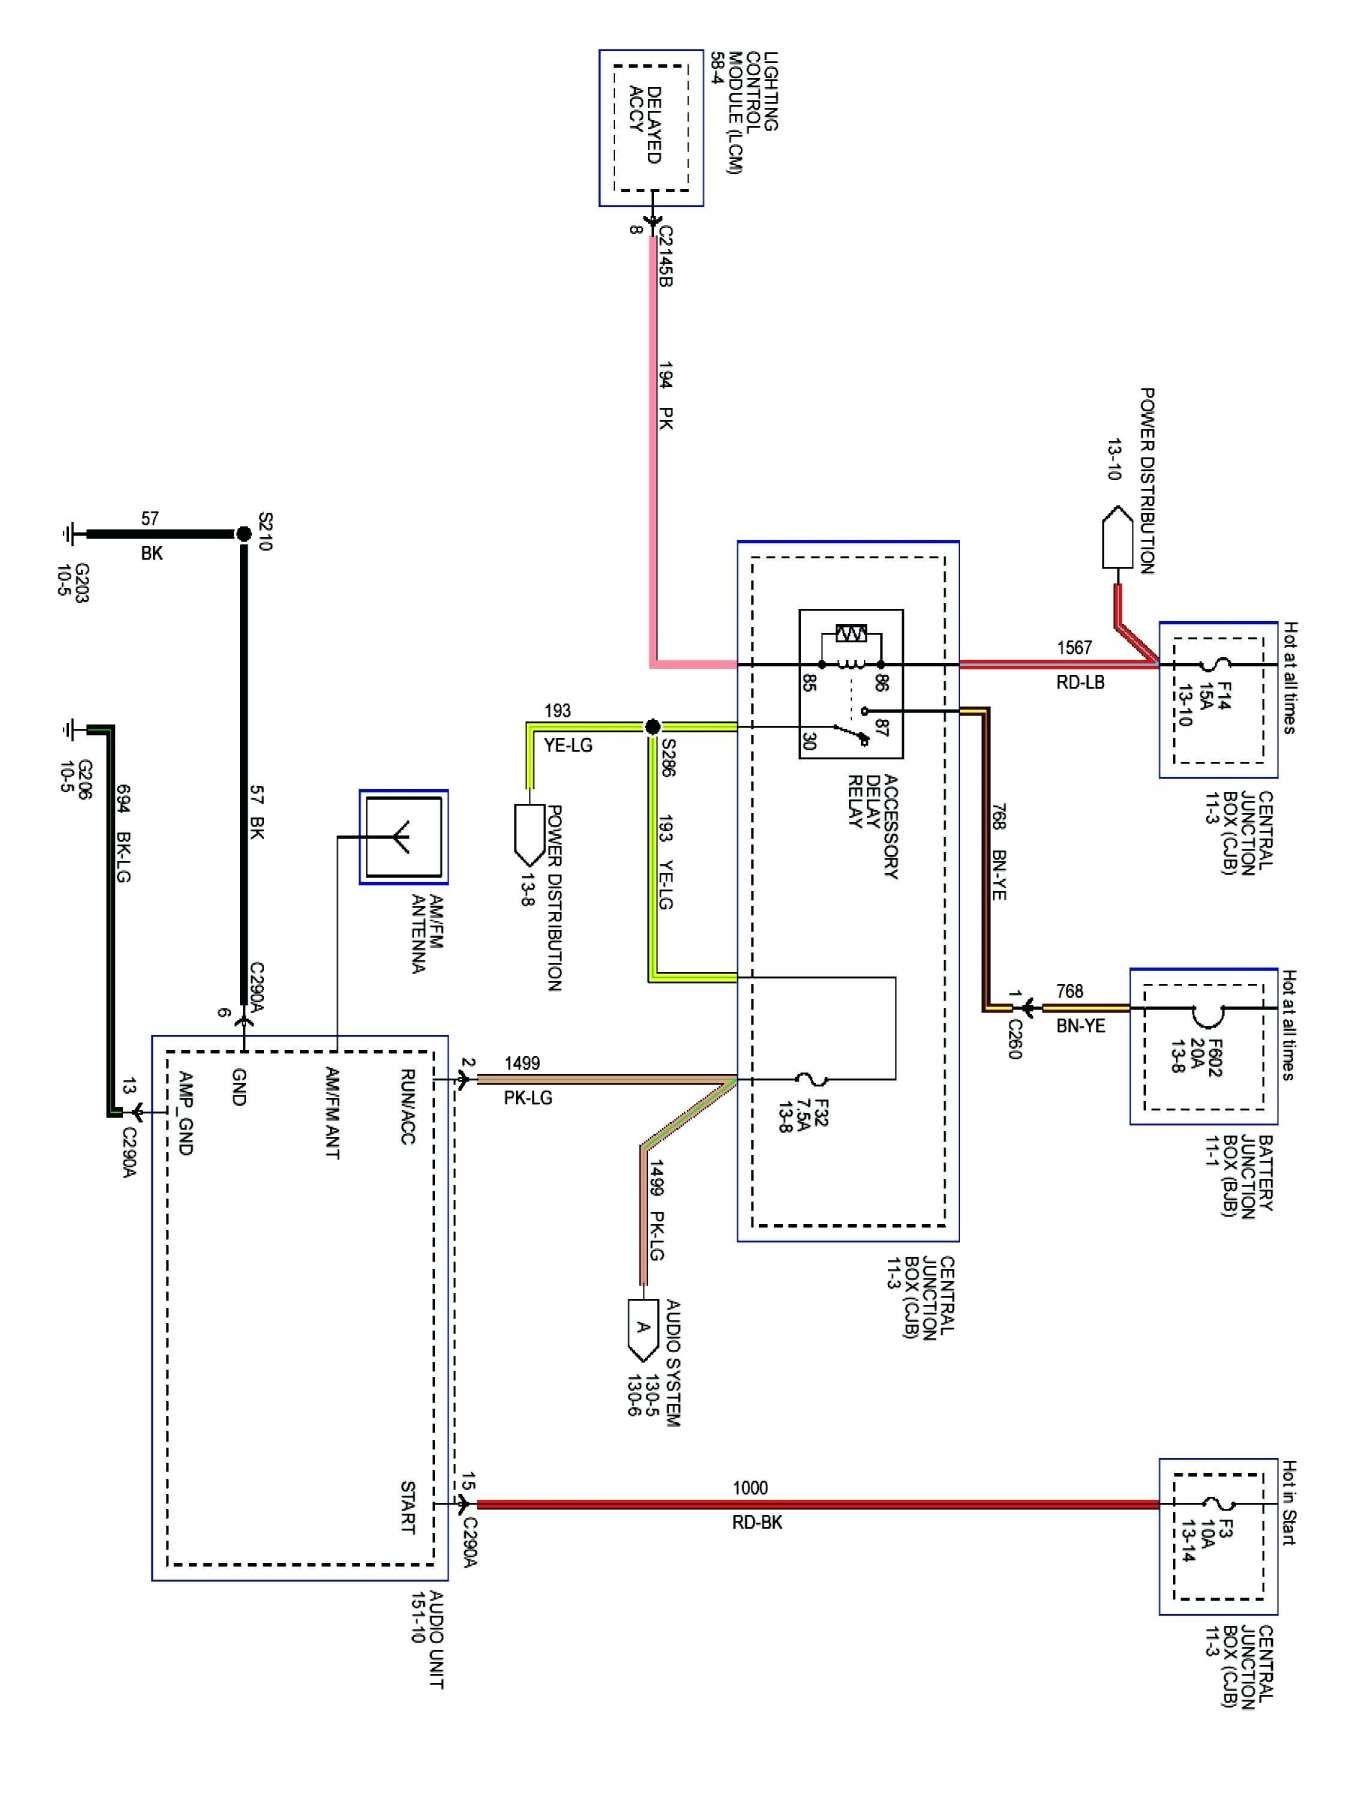 12 1986 Lincoln Town Car Wiring Diagram Car Diagram Wiringg Net In 2020 Lincoln Town Car Diagram Towns